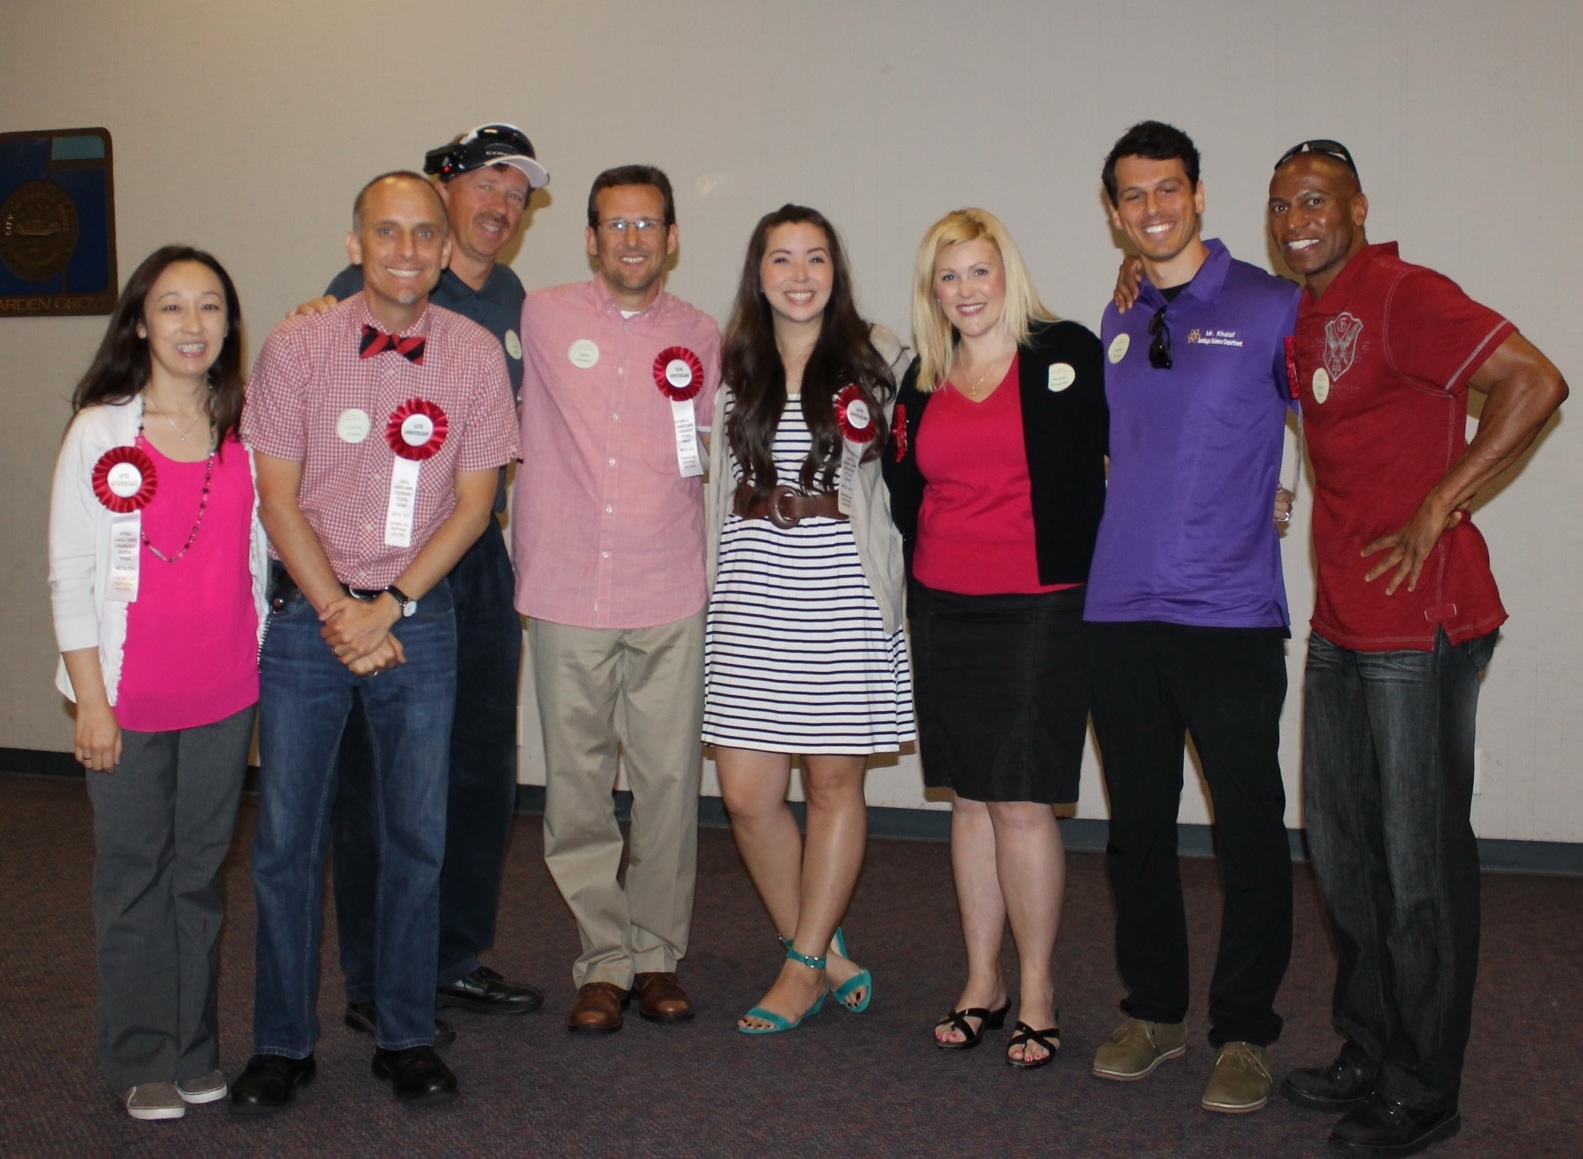 Teachers honored at 2014 Garden Grove Strawberry Festival